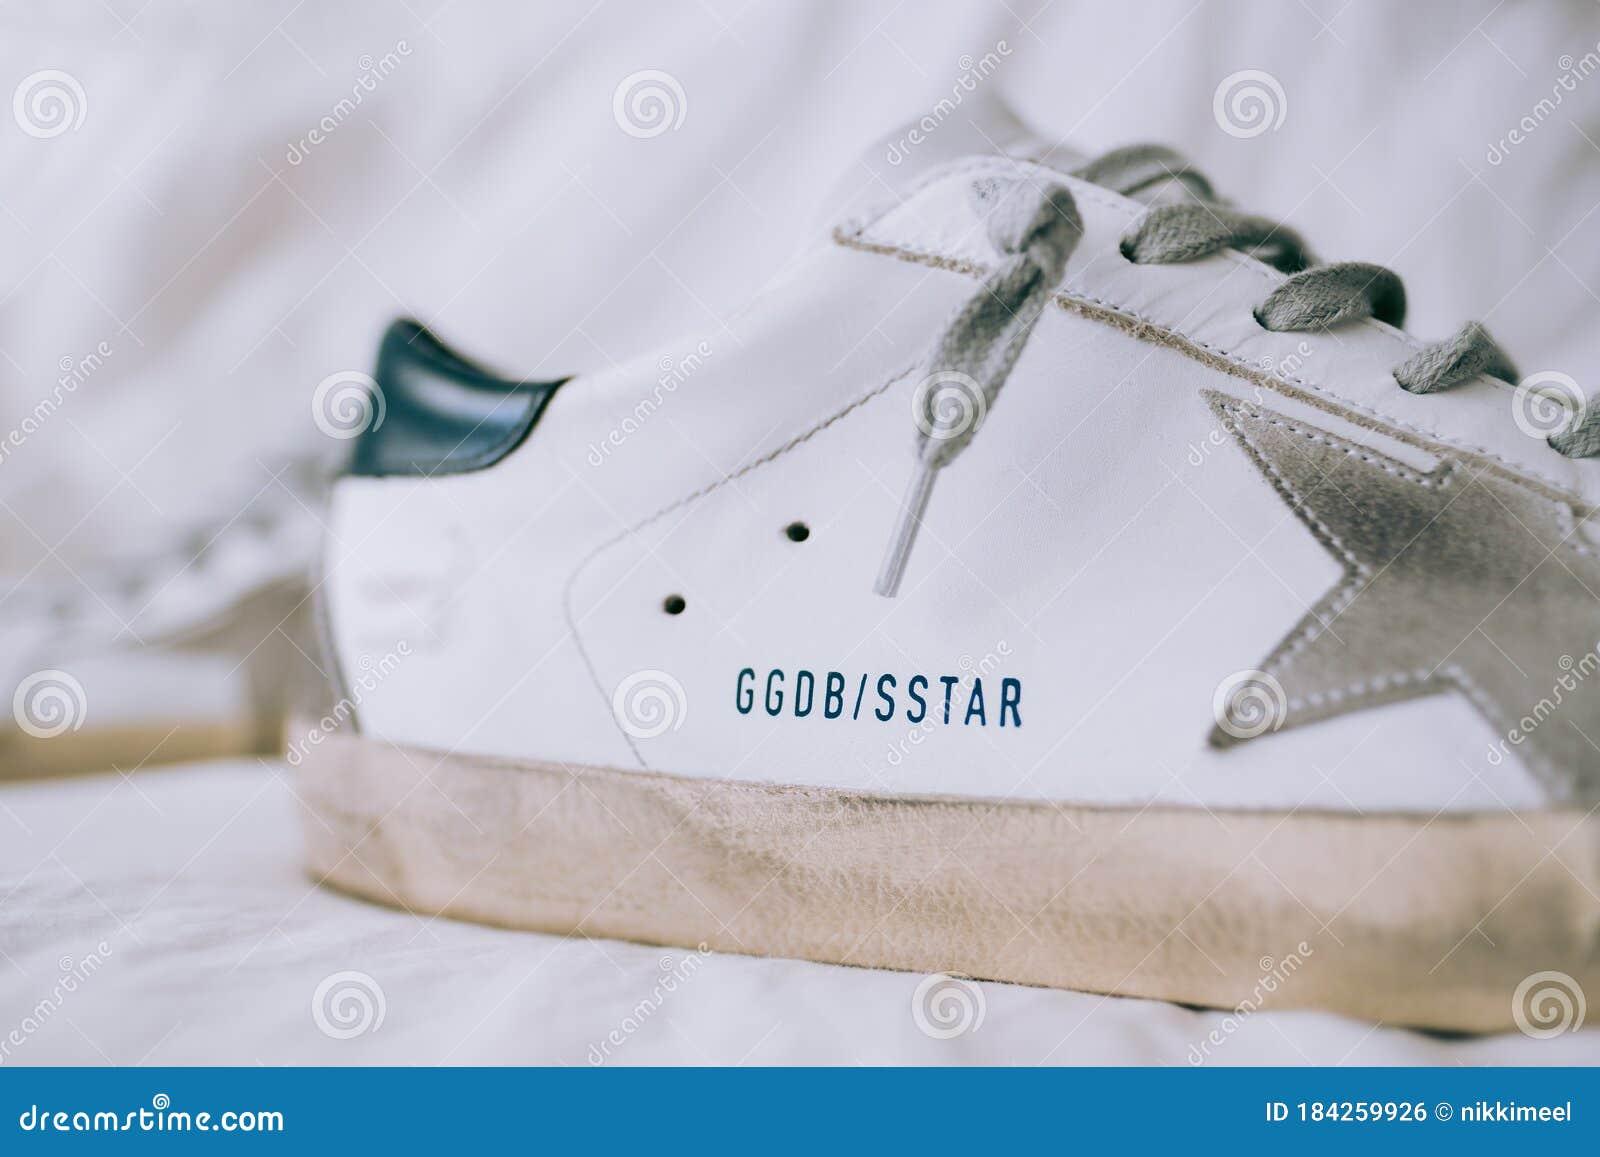 Golden Goose Deluxe Brand Superstar